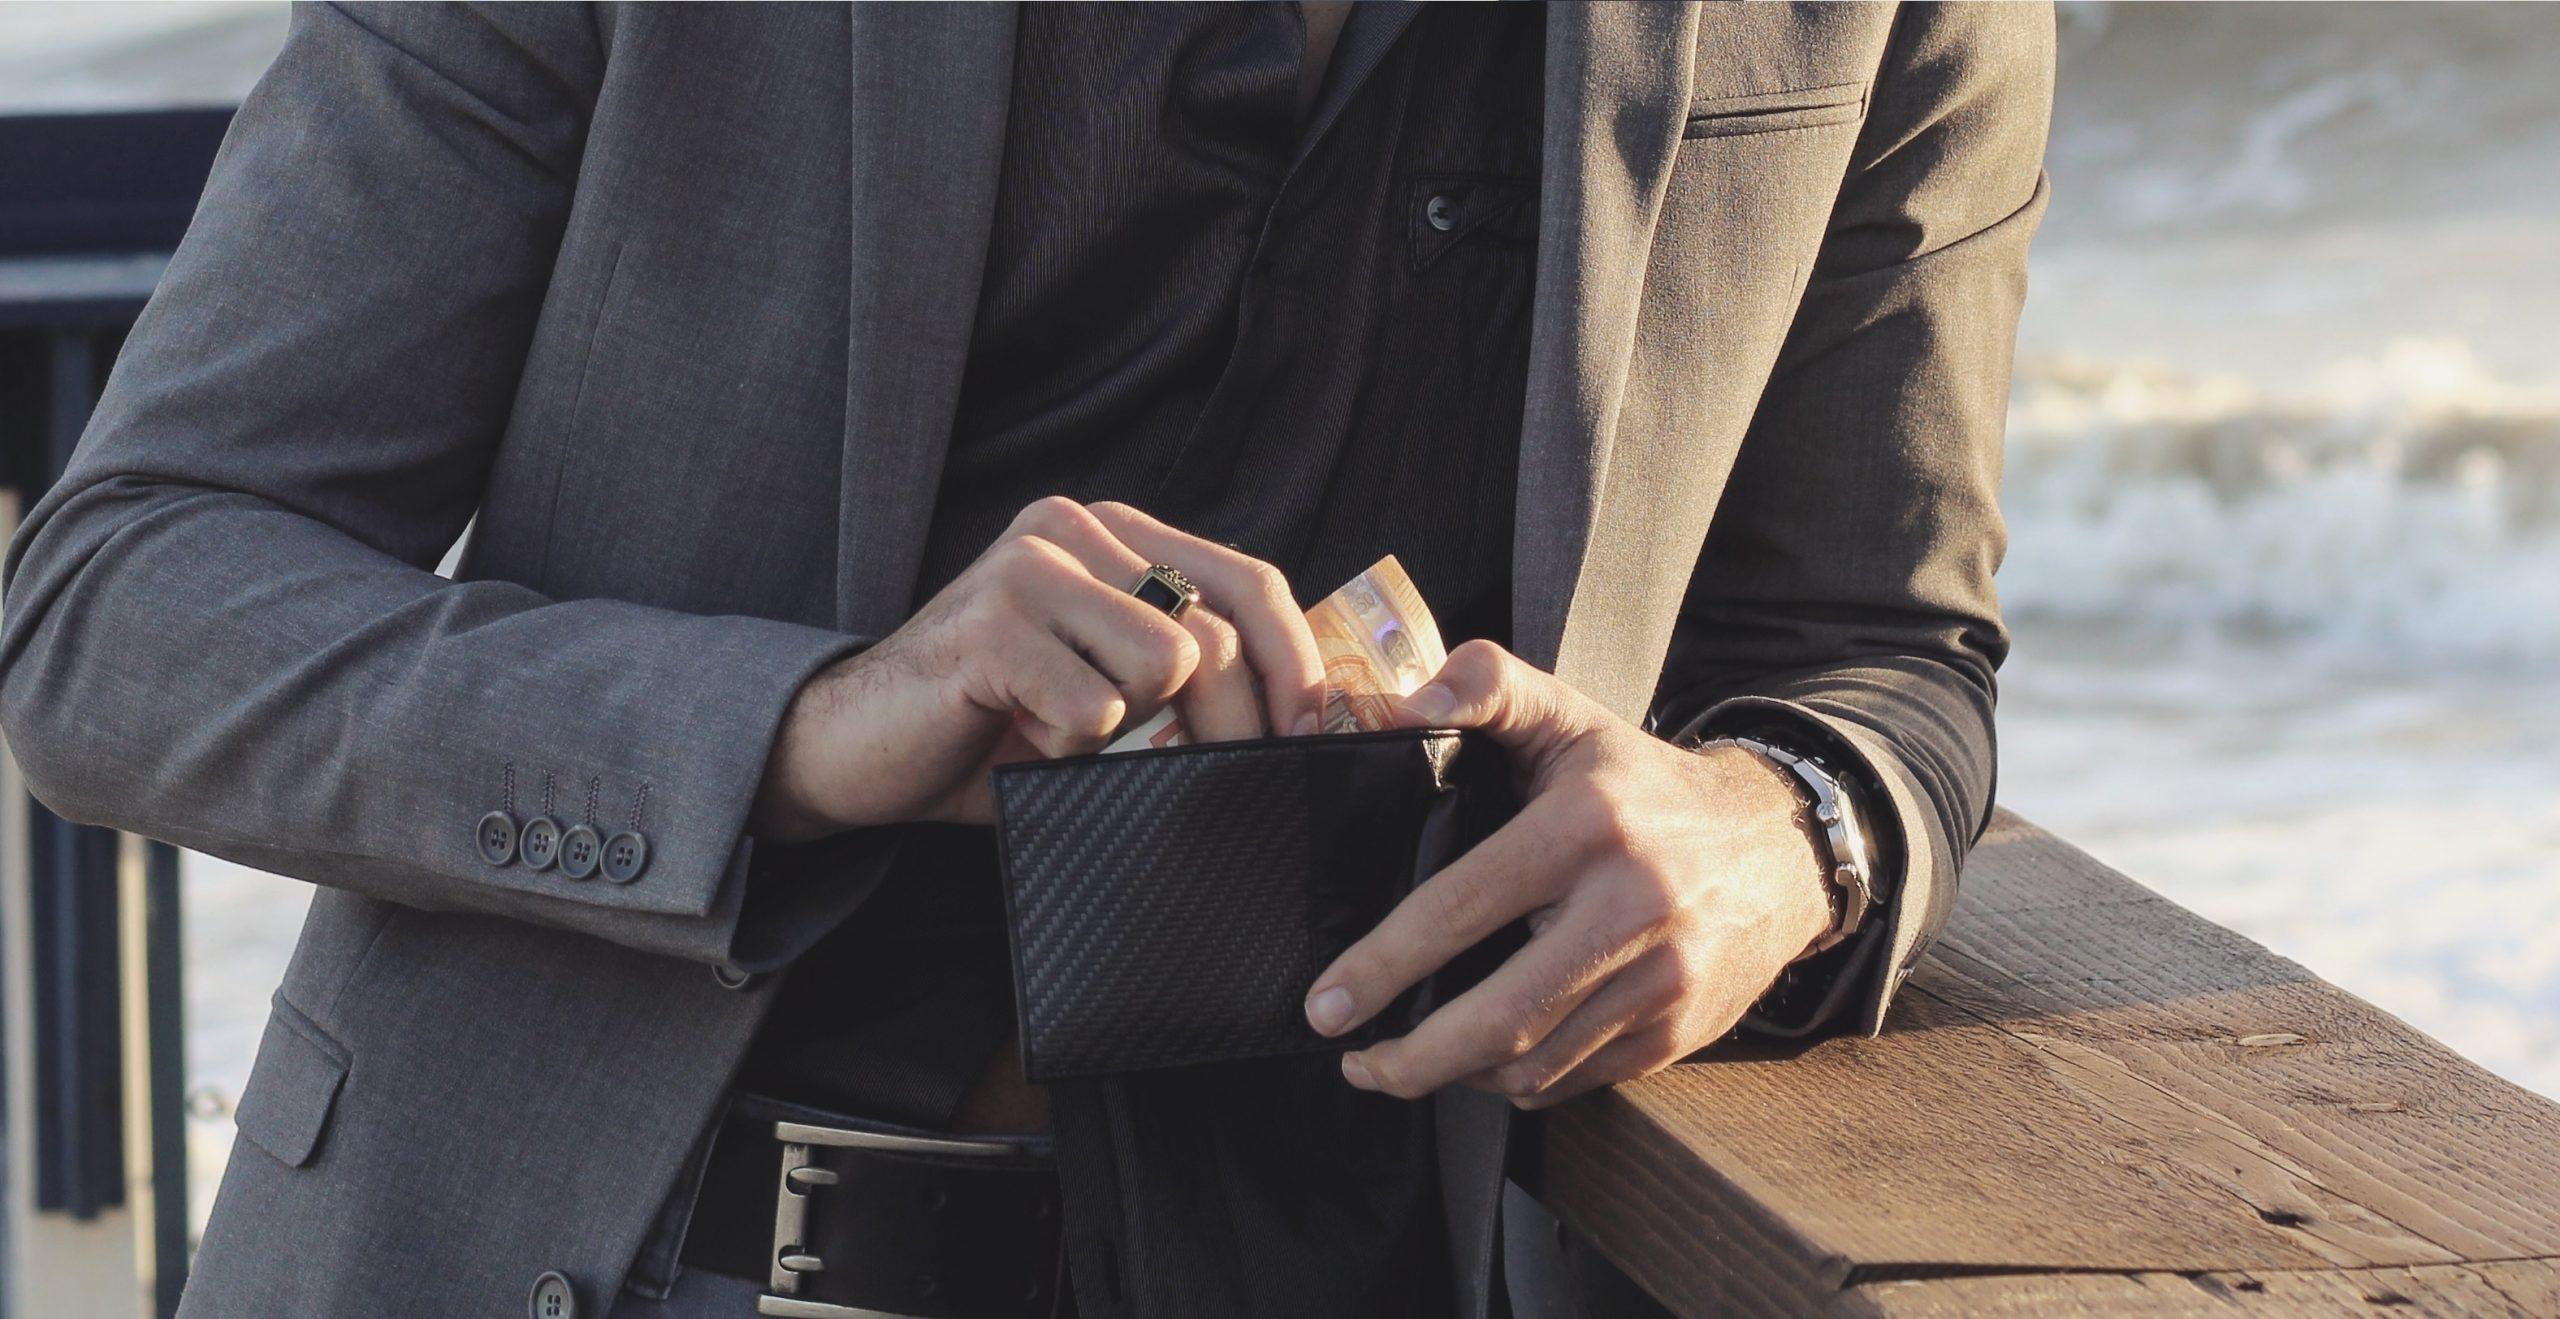 Portafoglio per uomo, borsello in fibra di carbonio, coldfire brand, cfsmagazine, cf's magazine, men's wallet, carbon fiber wallet